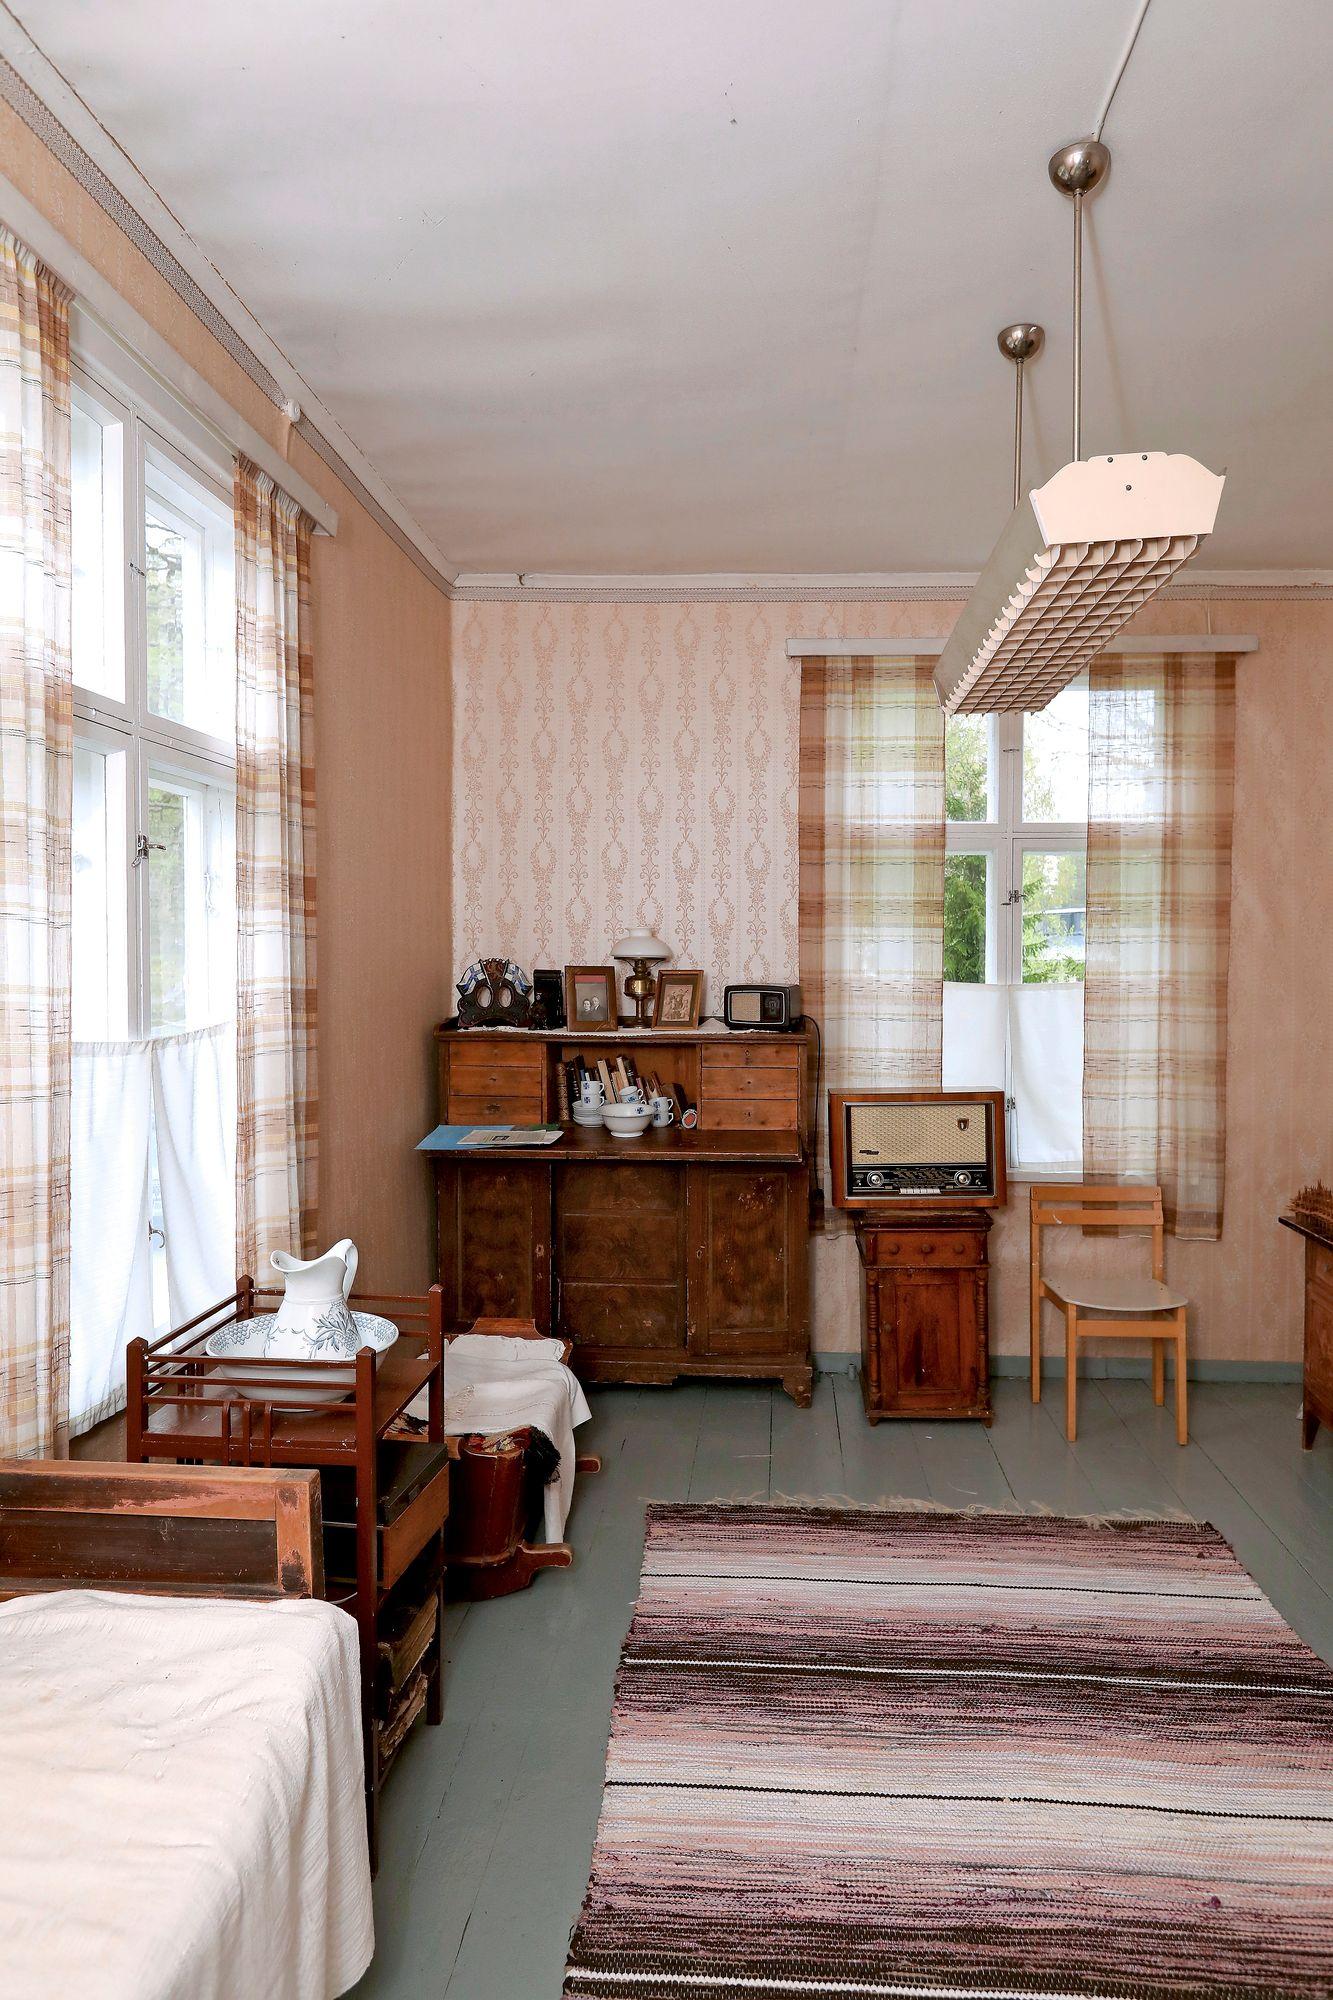 Kirkkoherranviraston toimisto sijaitsi pappilan kulmahuoneessa. Huoneen kalustus on myöhempää perua. © Jussi Partanen